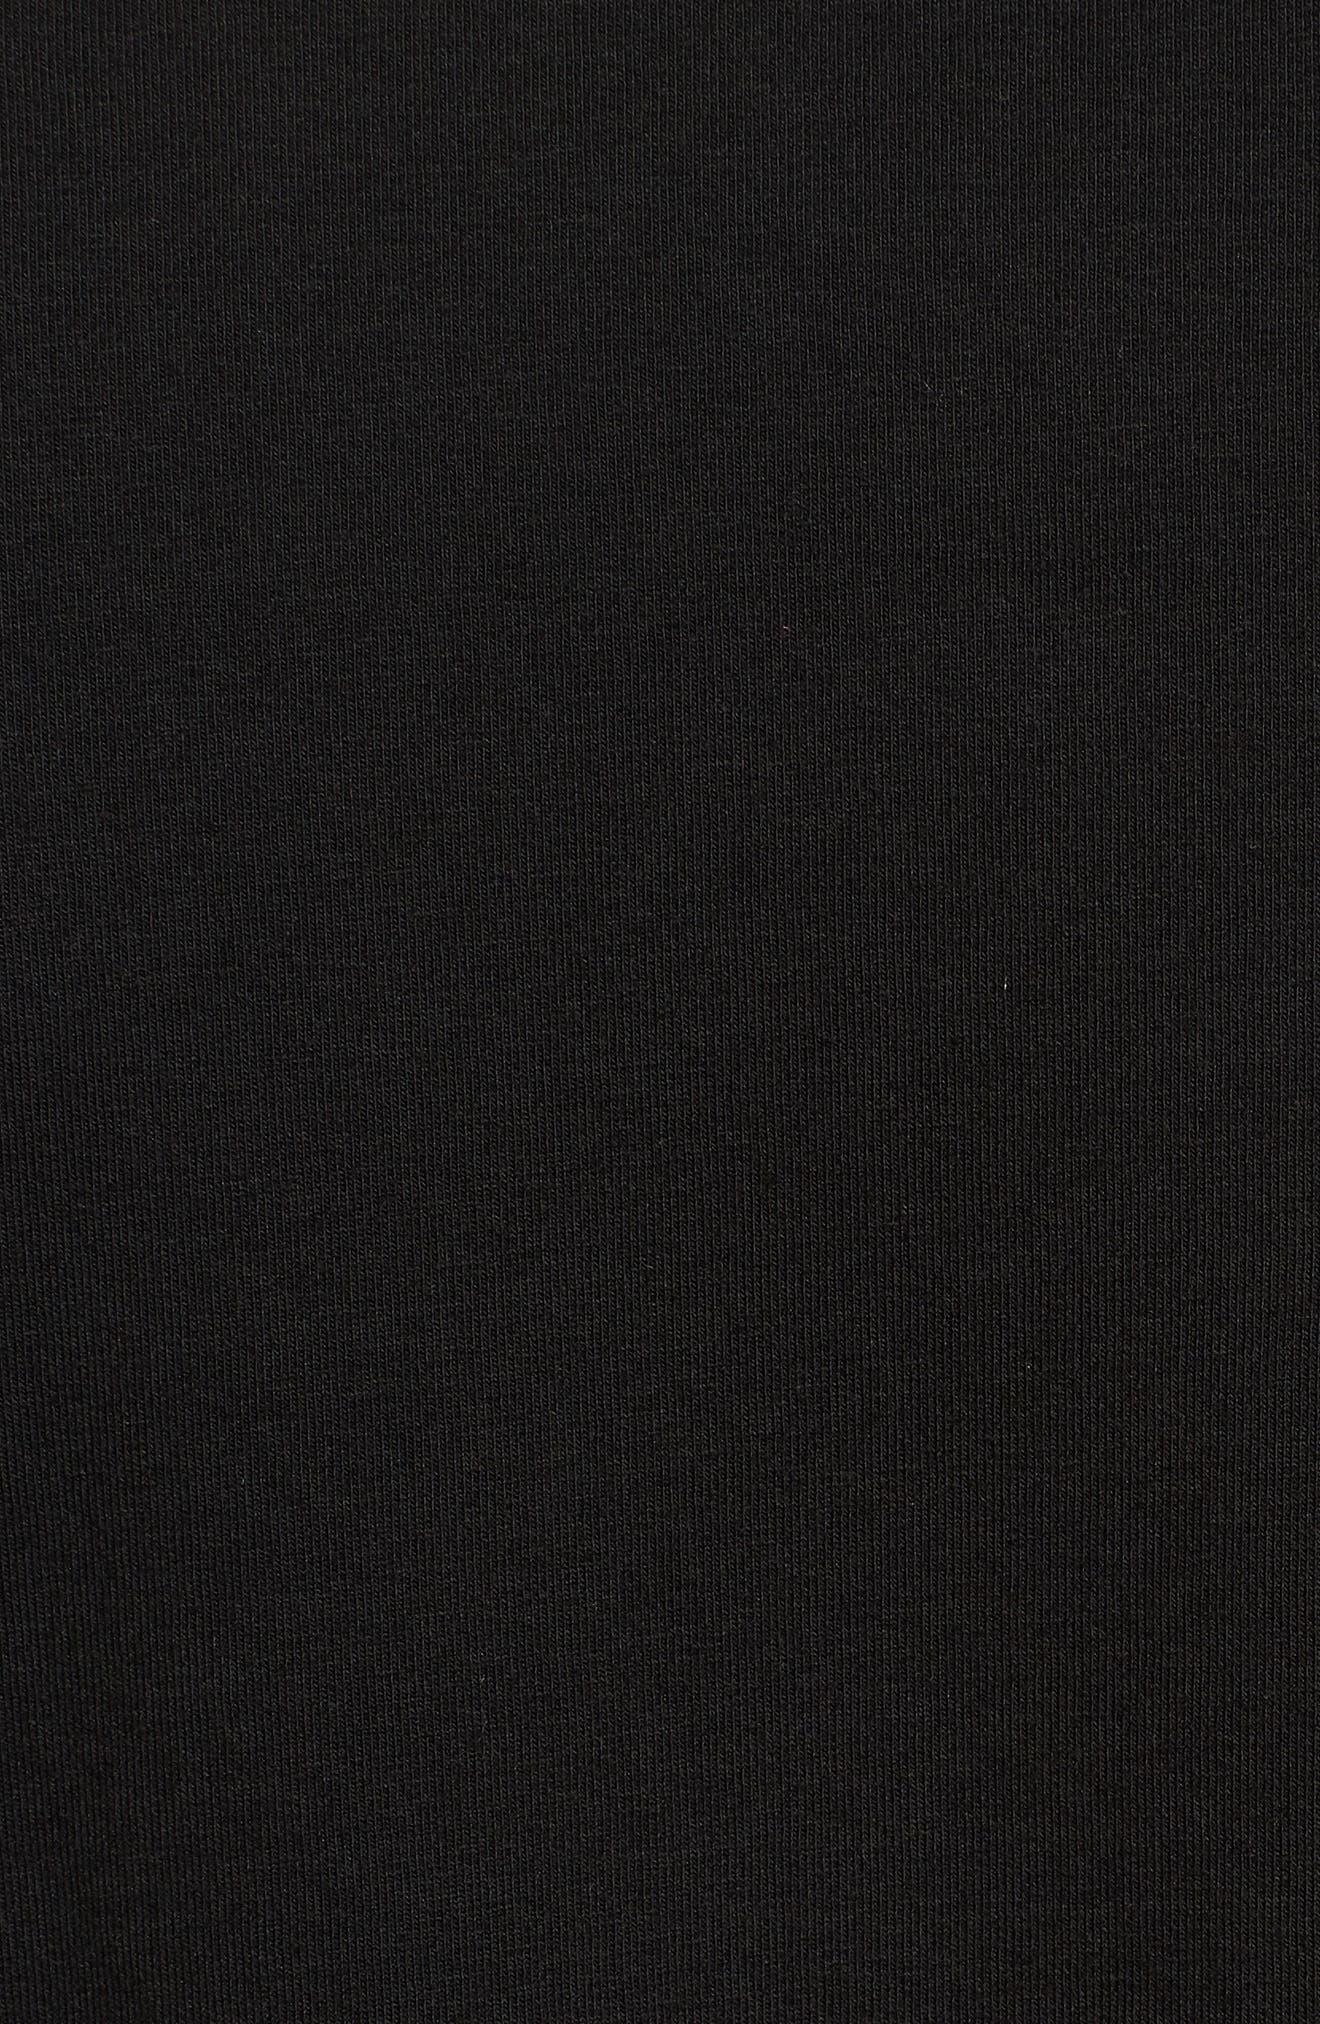 Slim fit Classics T7 T-Shirt,                             Alternate thumbnail 5, color,                             BLACK